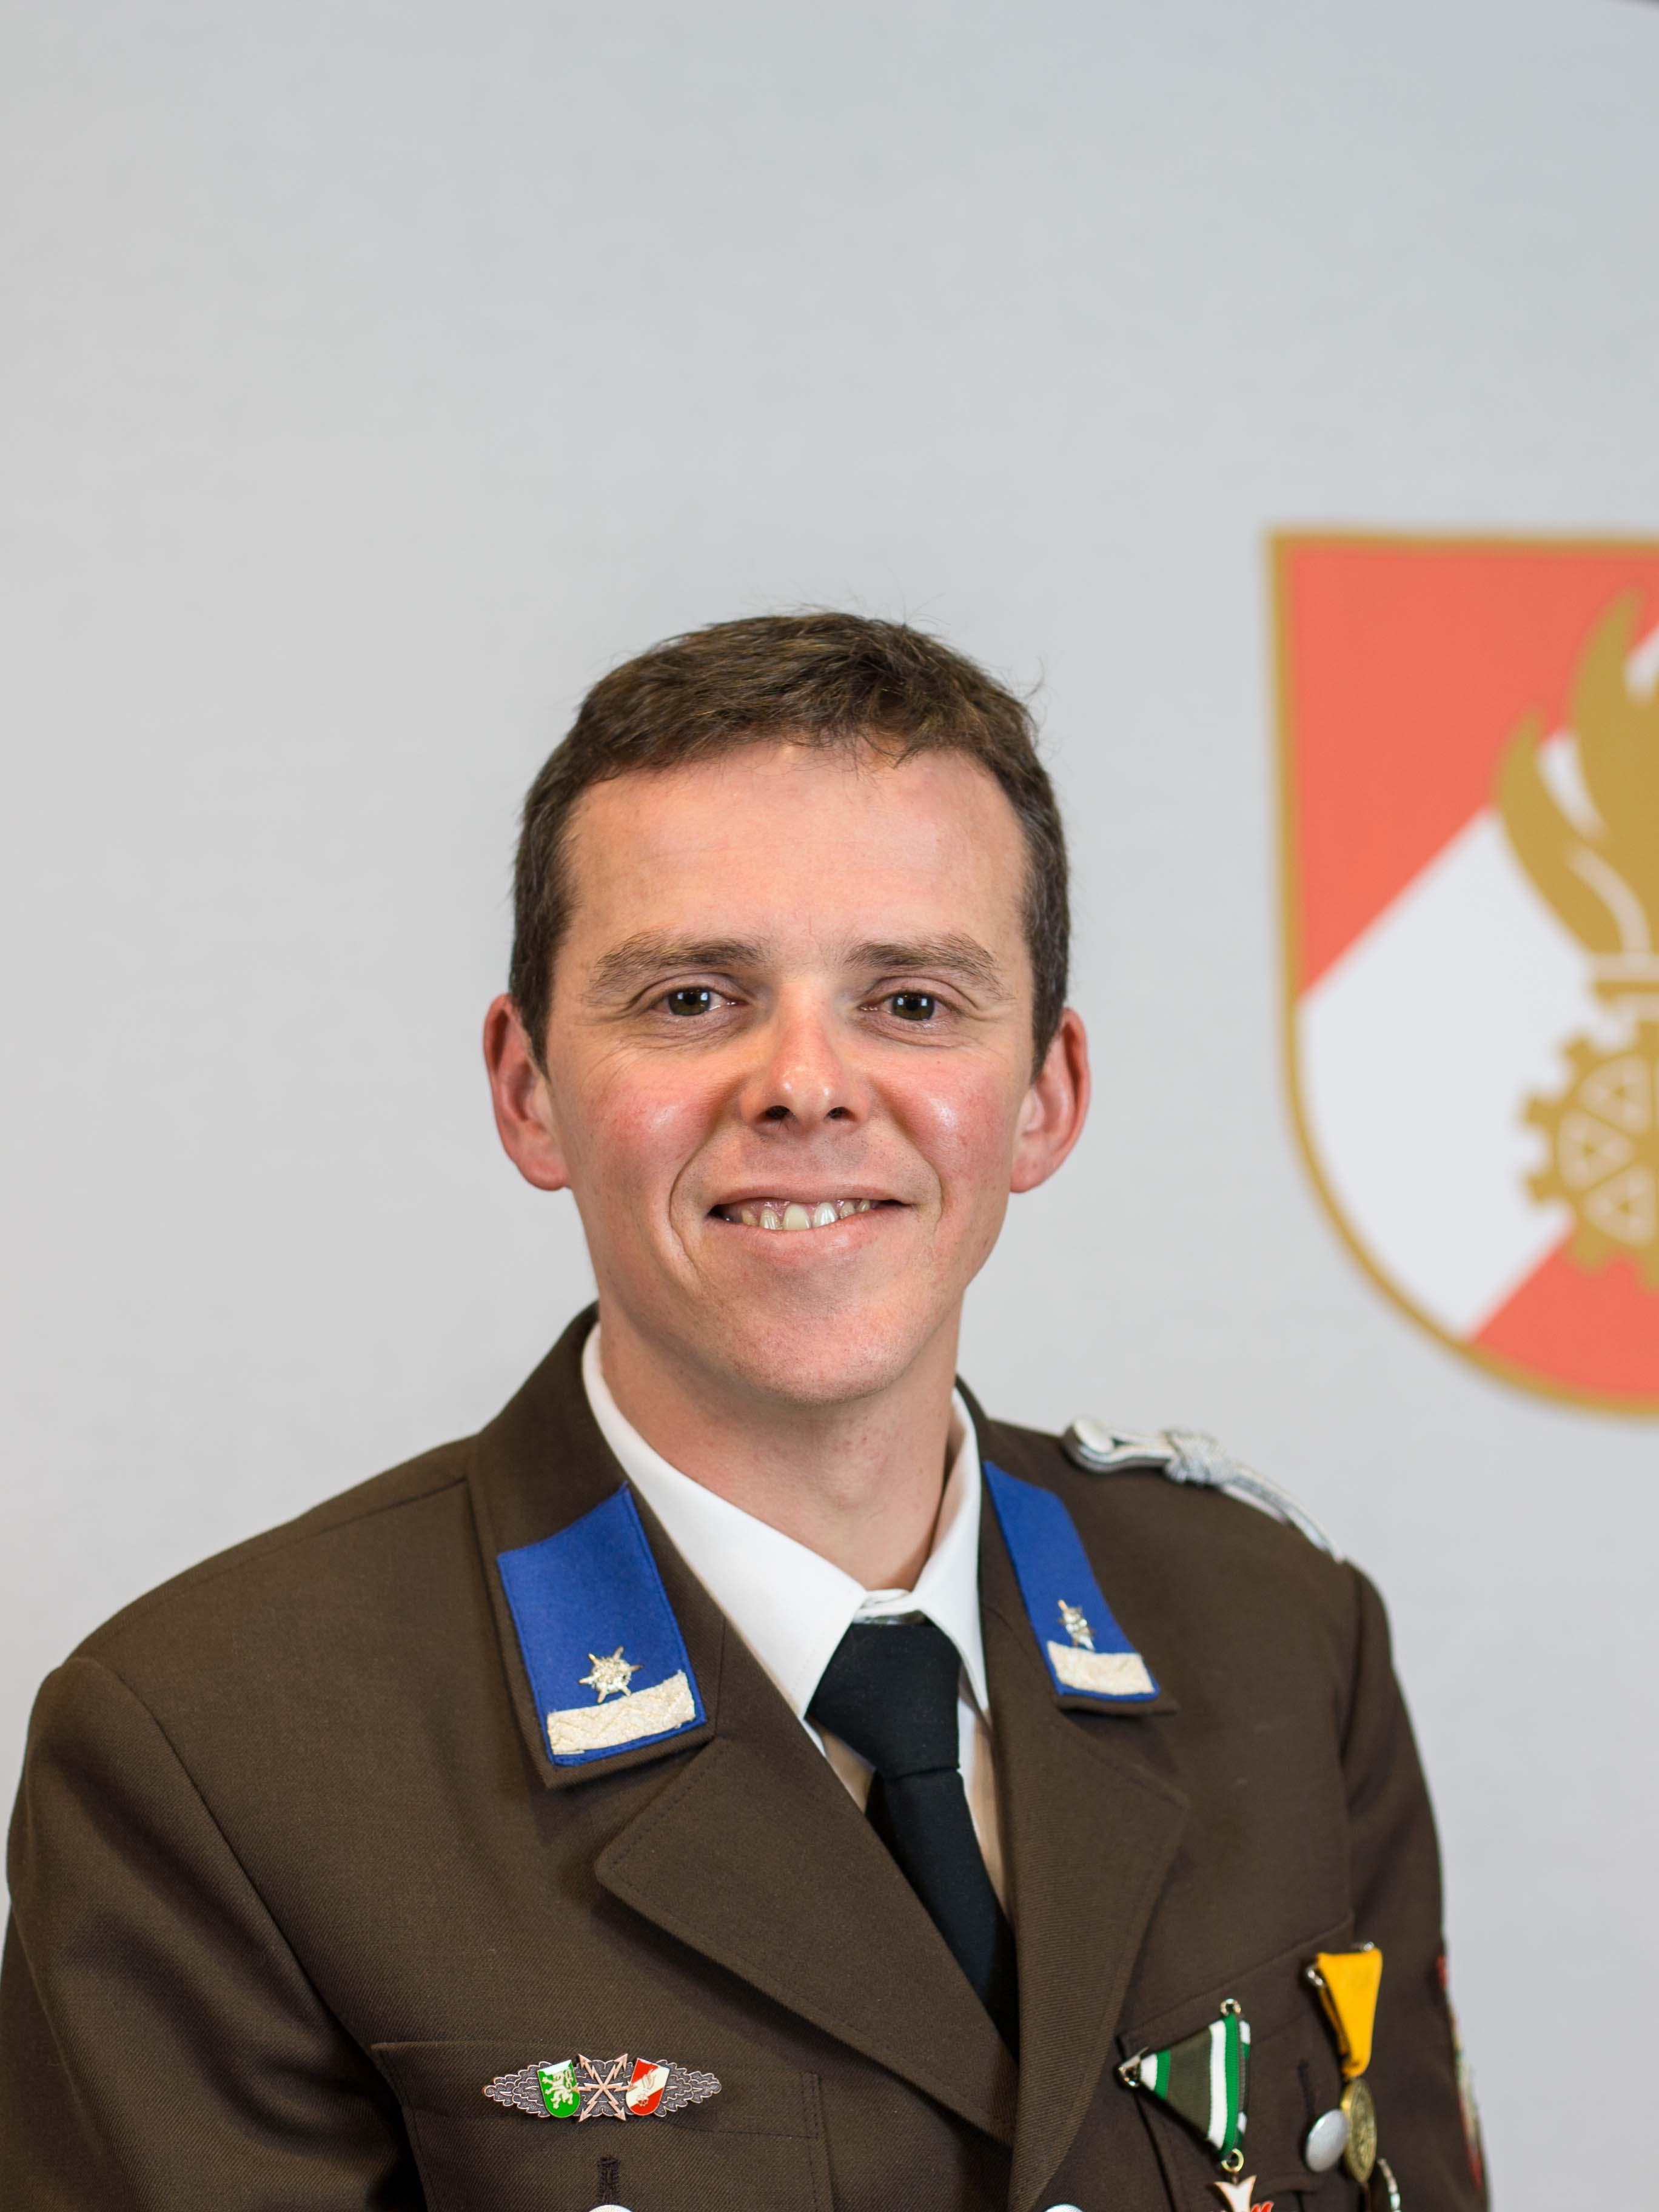 Hannes Peer